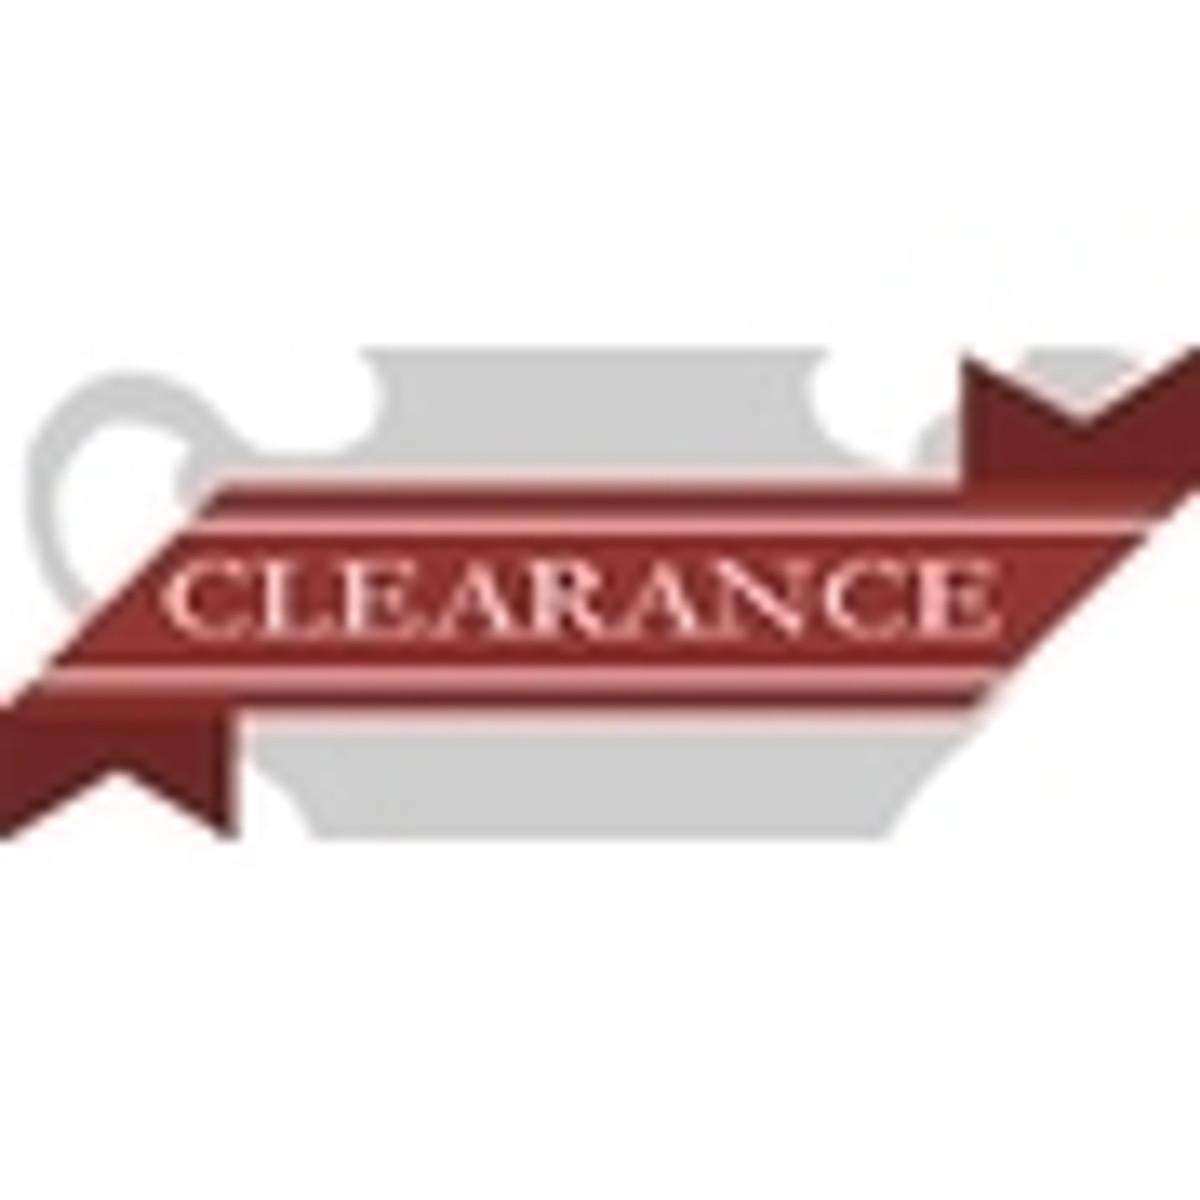 Clearance Fine Bone China